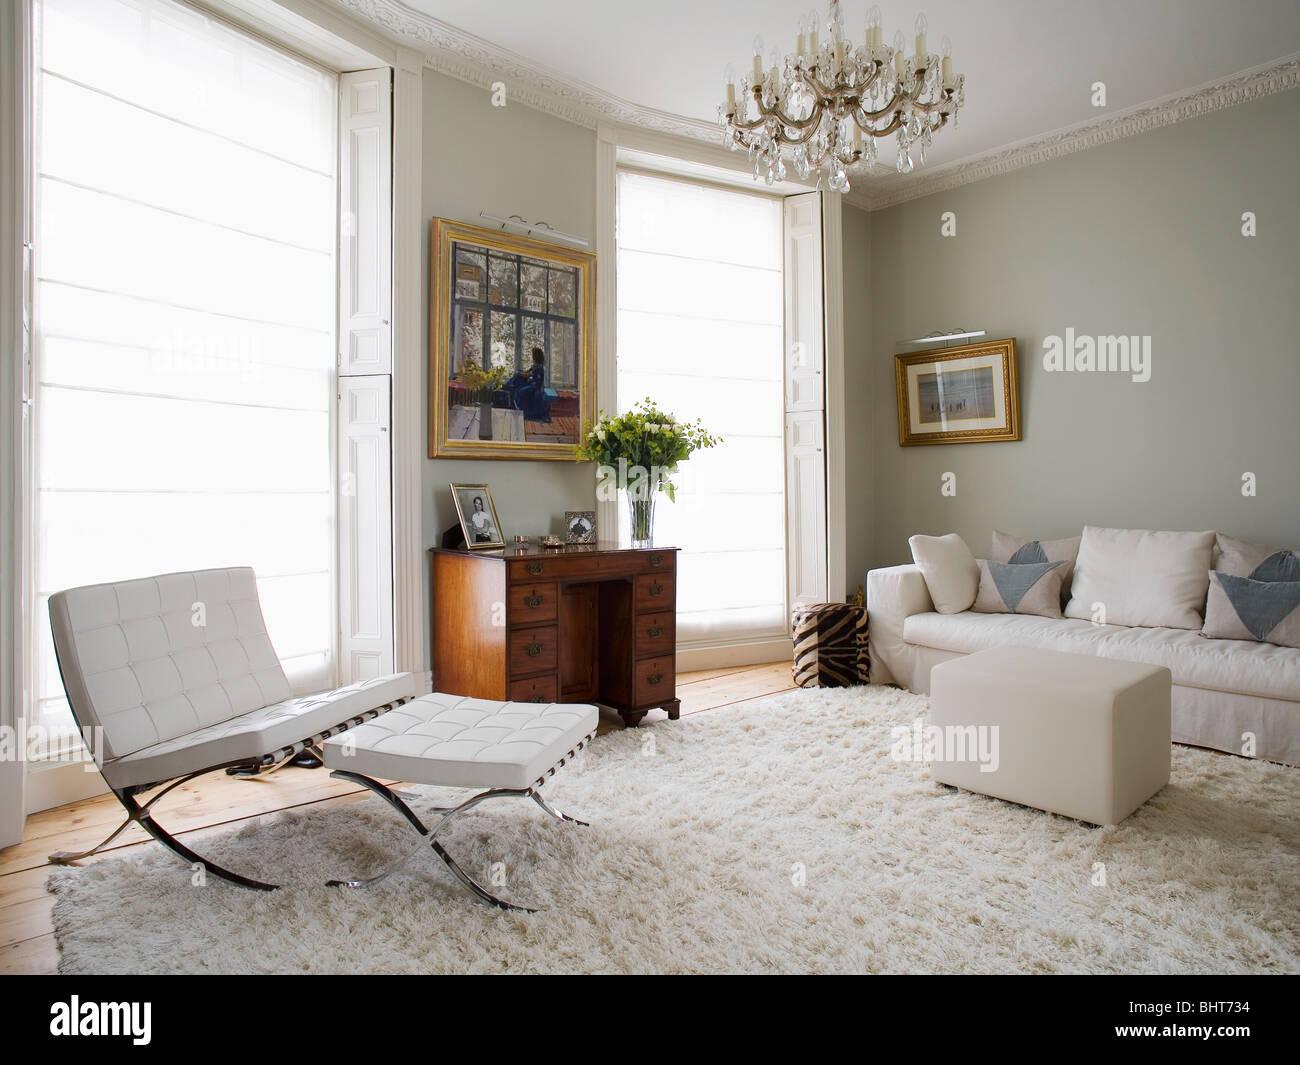 Weißes Leder Mies Van Der Rohe Sessel Und Hocker Im Wohnzimmer Grau Grün  Mit Creme Flokati Teppich Und Sahne Sofa Und Ottoman Hocker